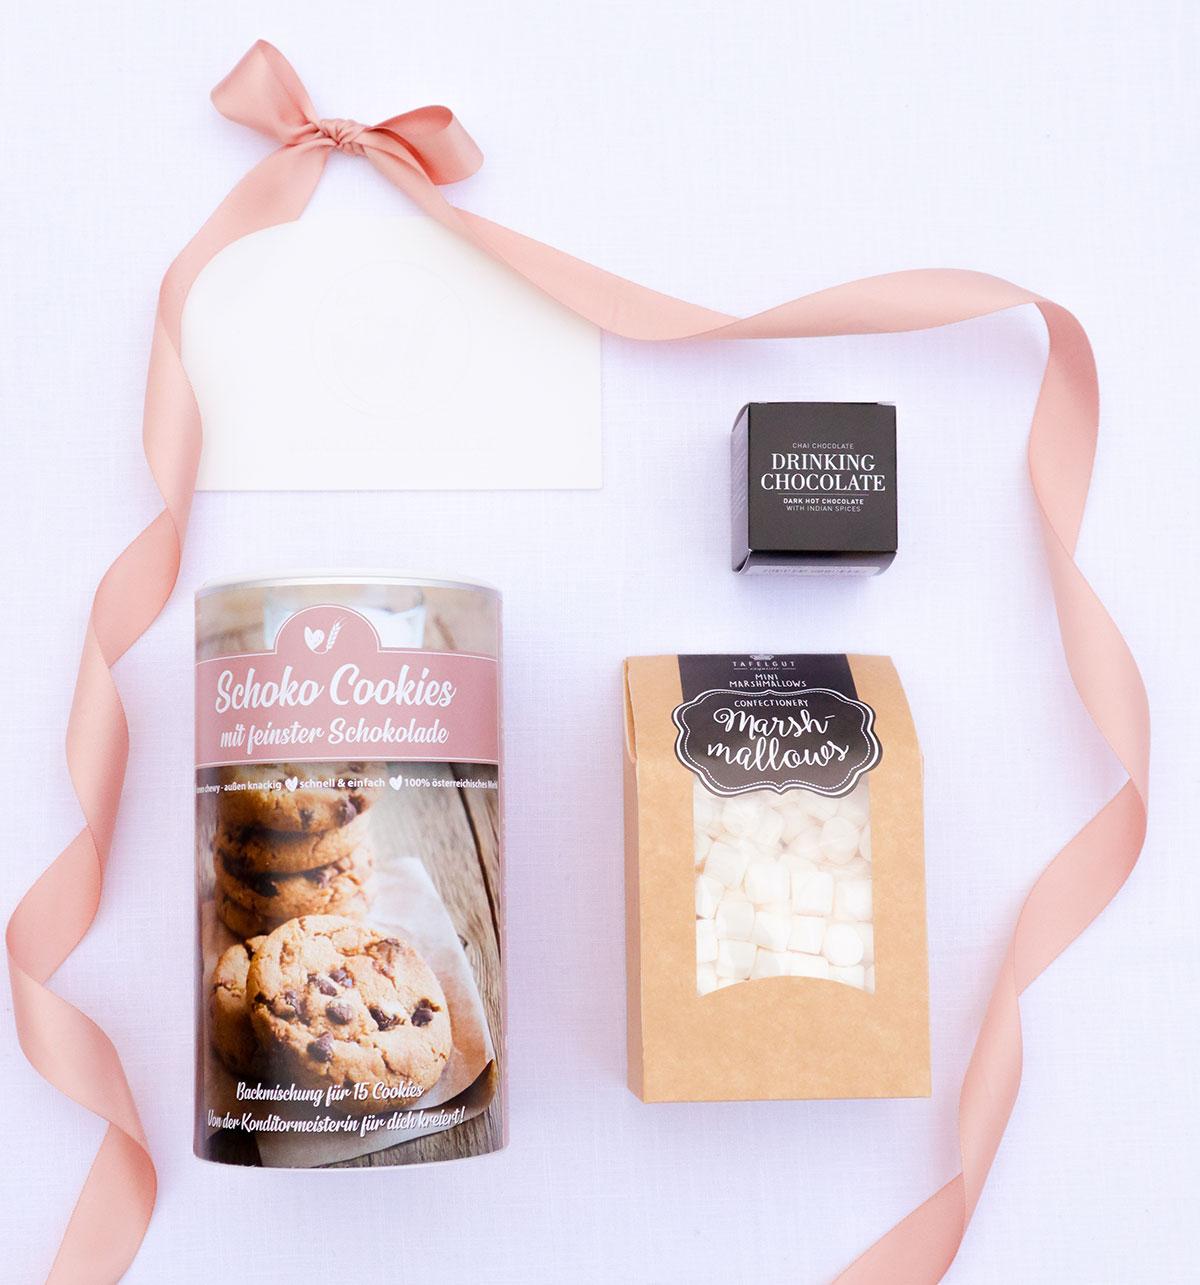 Cookie Box mit Marshmallows und Trinkschokolade